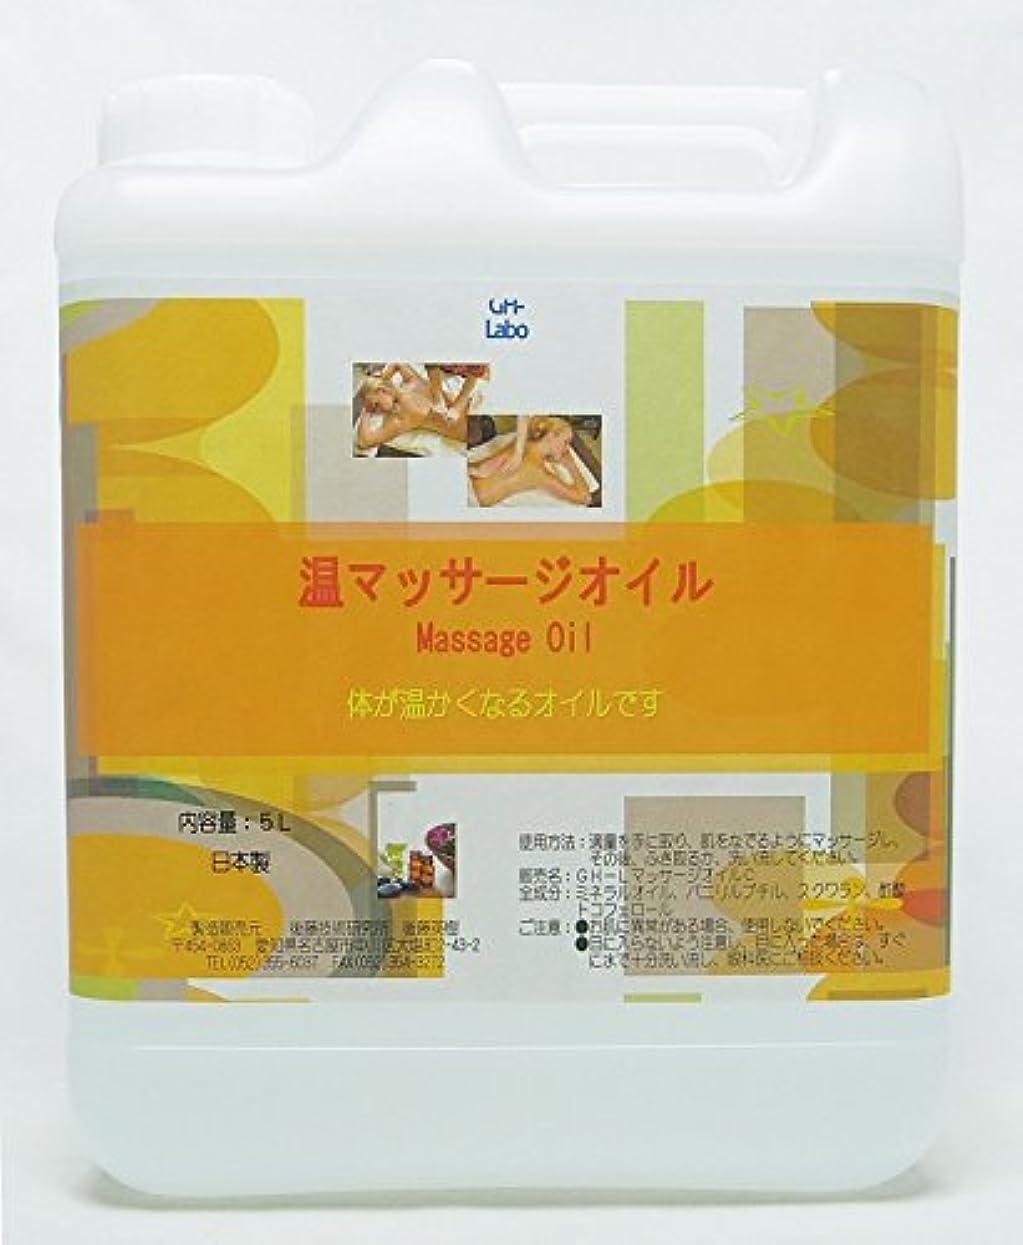 強調する倉庫プレビューGH-Labo 温マッサージオイル 温かいタイプ 5L